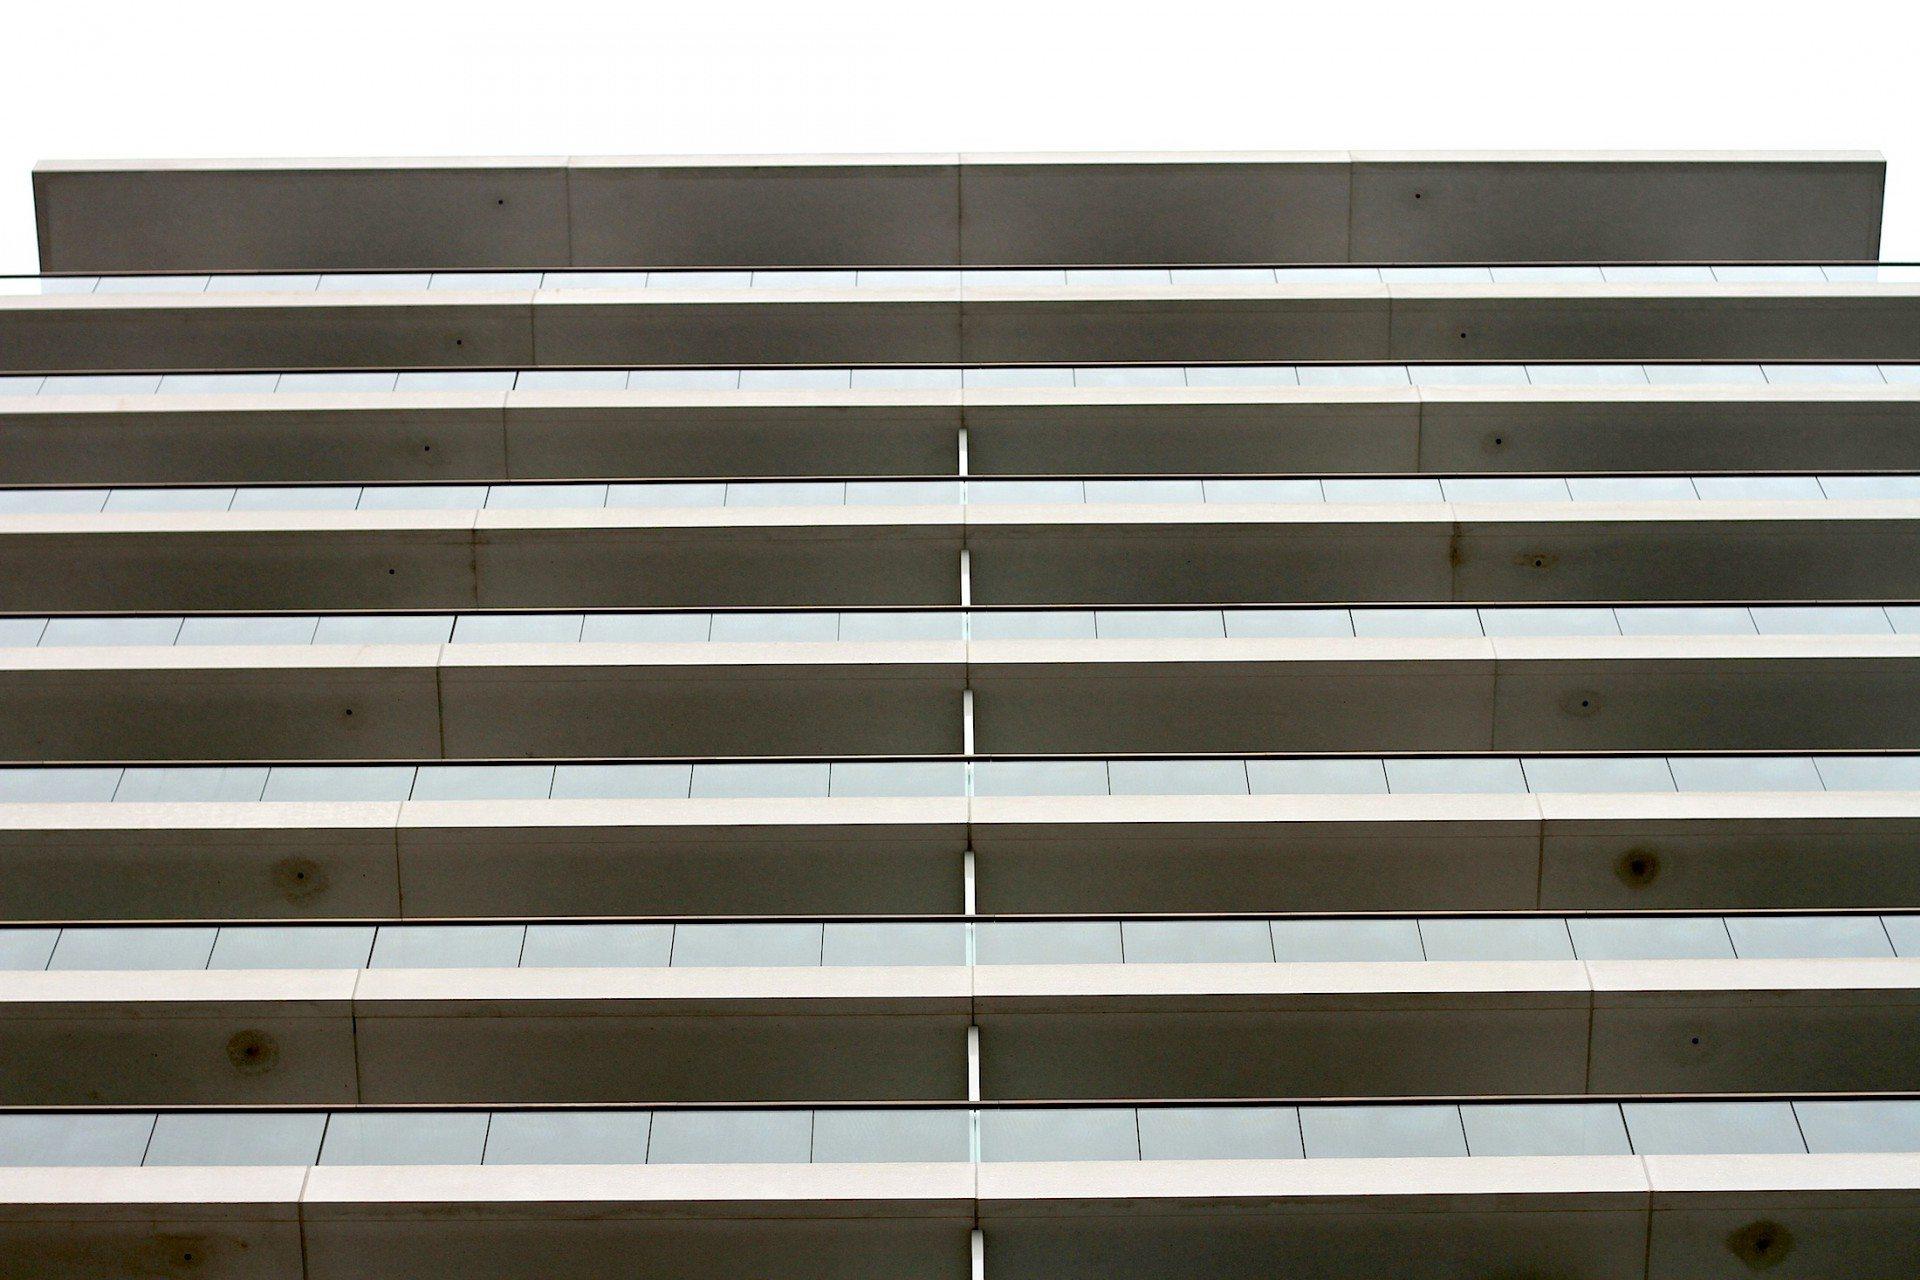 Schlicht. Die Türme 3 + 4 von David Chipperfield Architects kommen gewohnt geradlinig und ruhig daher.